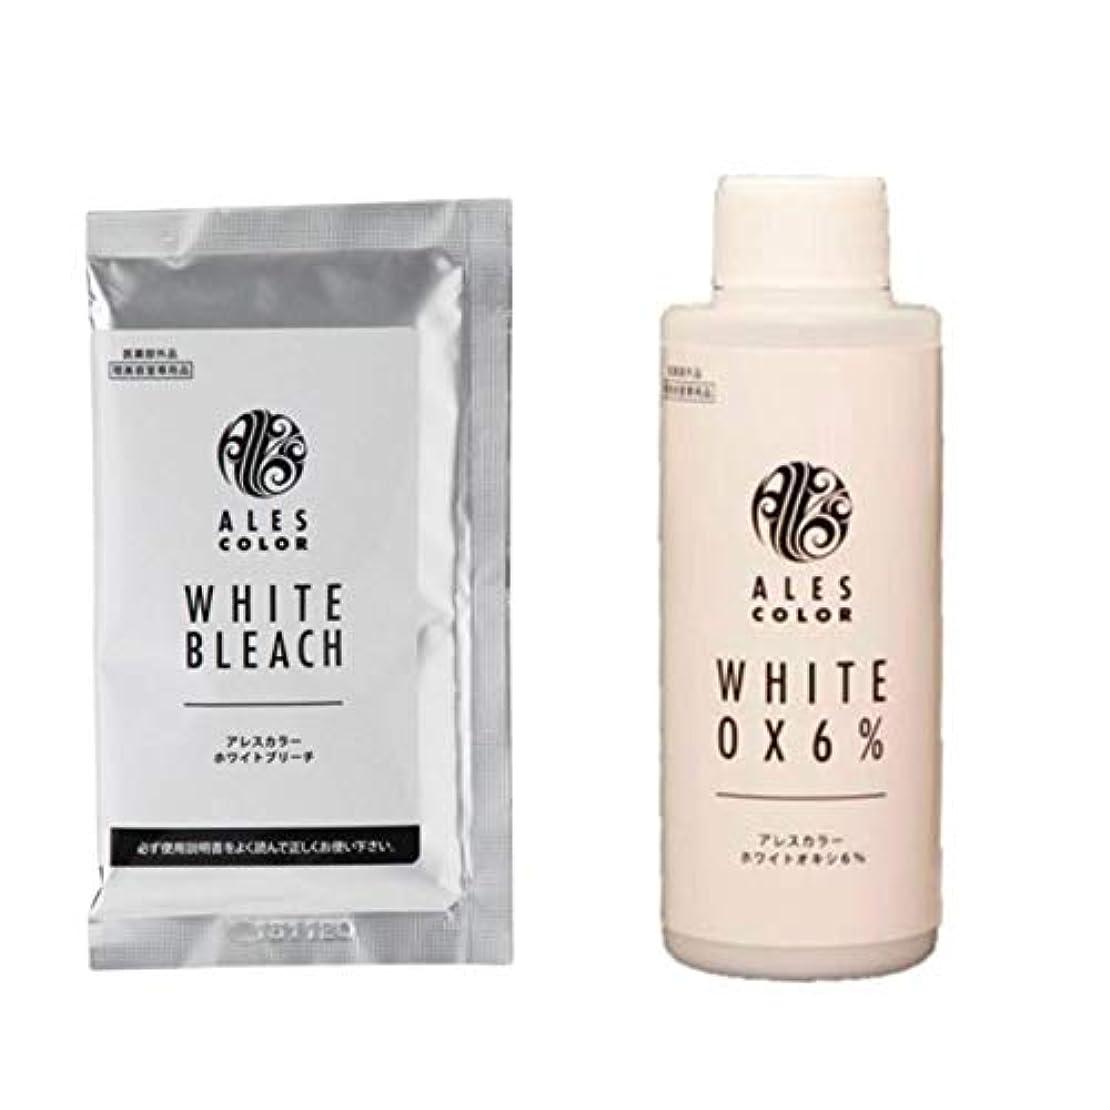 対象気晴らし子孫アレスカラー ホワイトブリーチ セット(1剤) 30g ホワイトオキシ6% 120ml